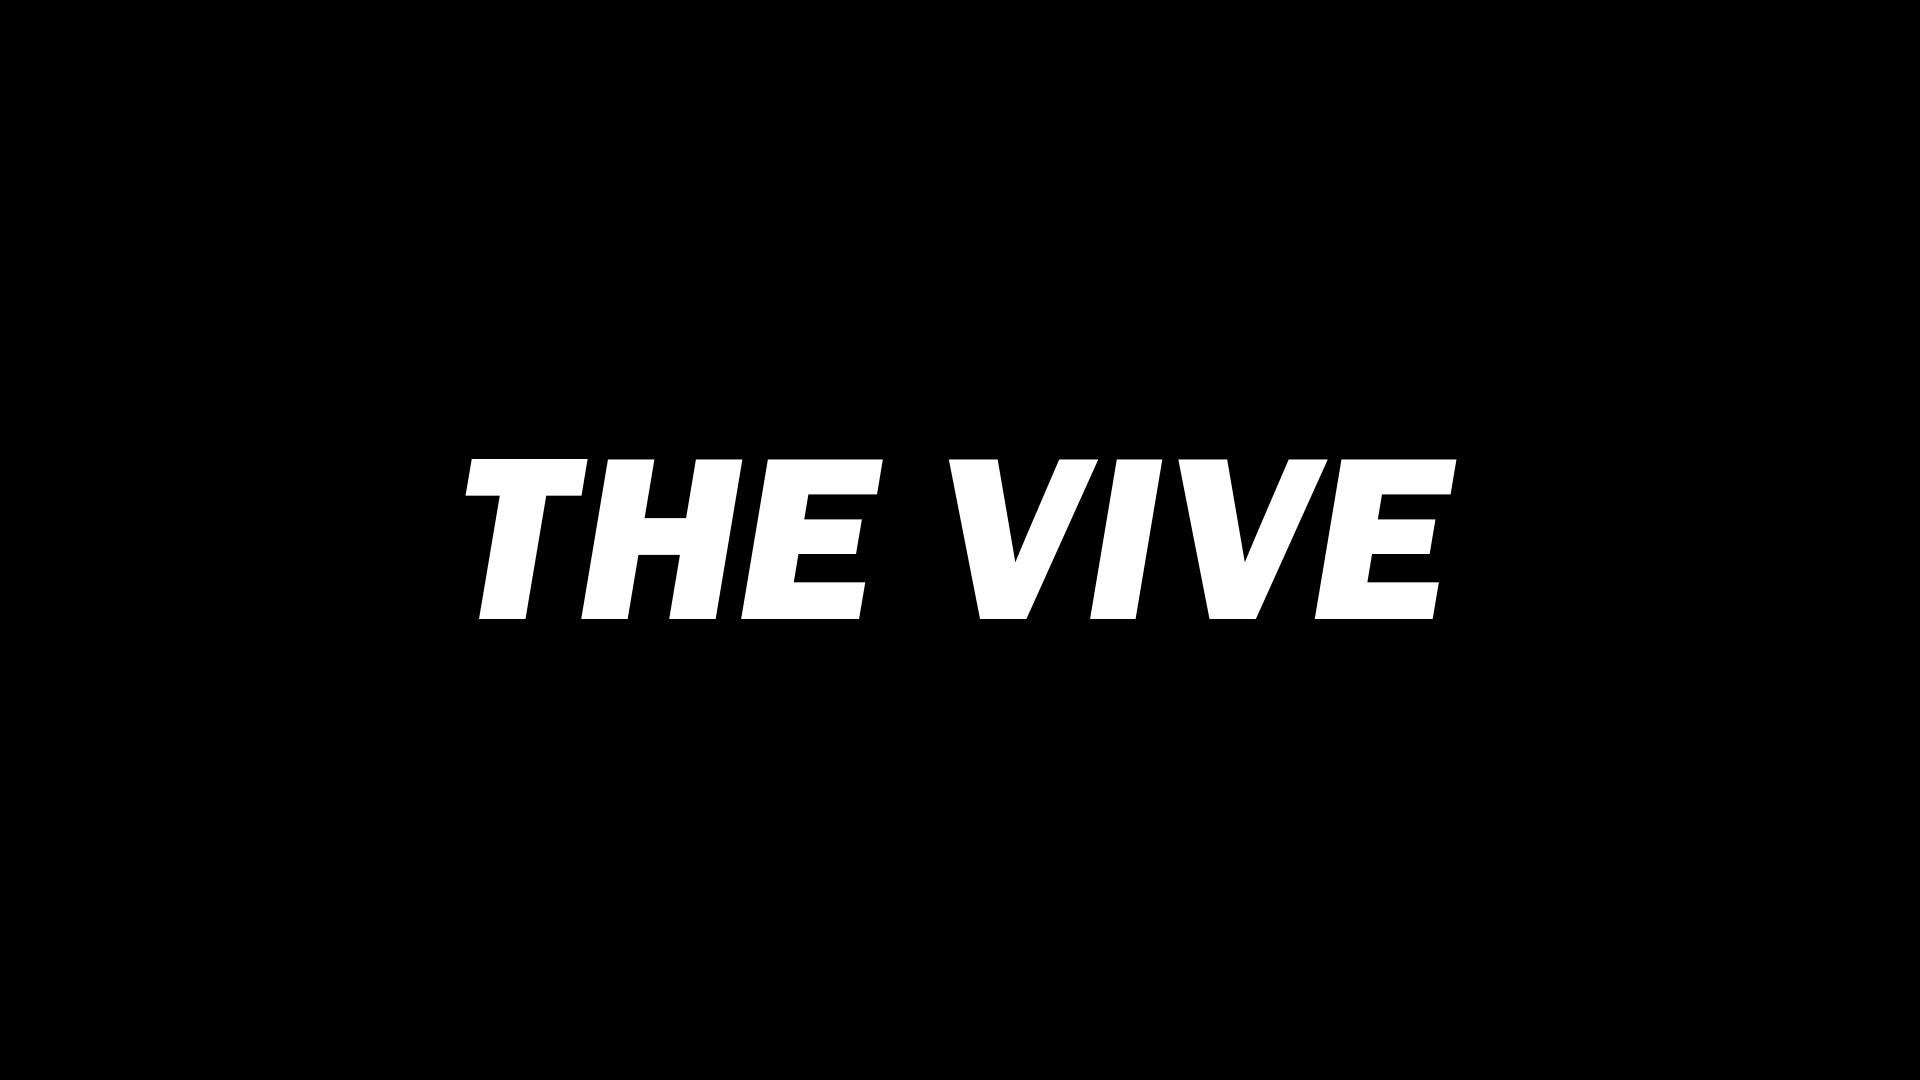 The vive final 1920x1080